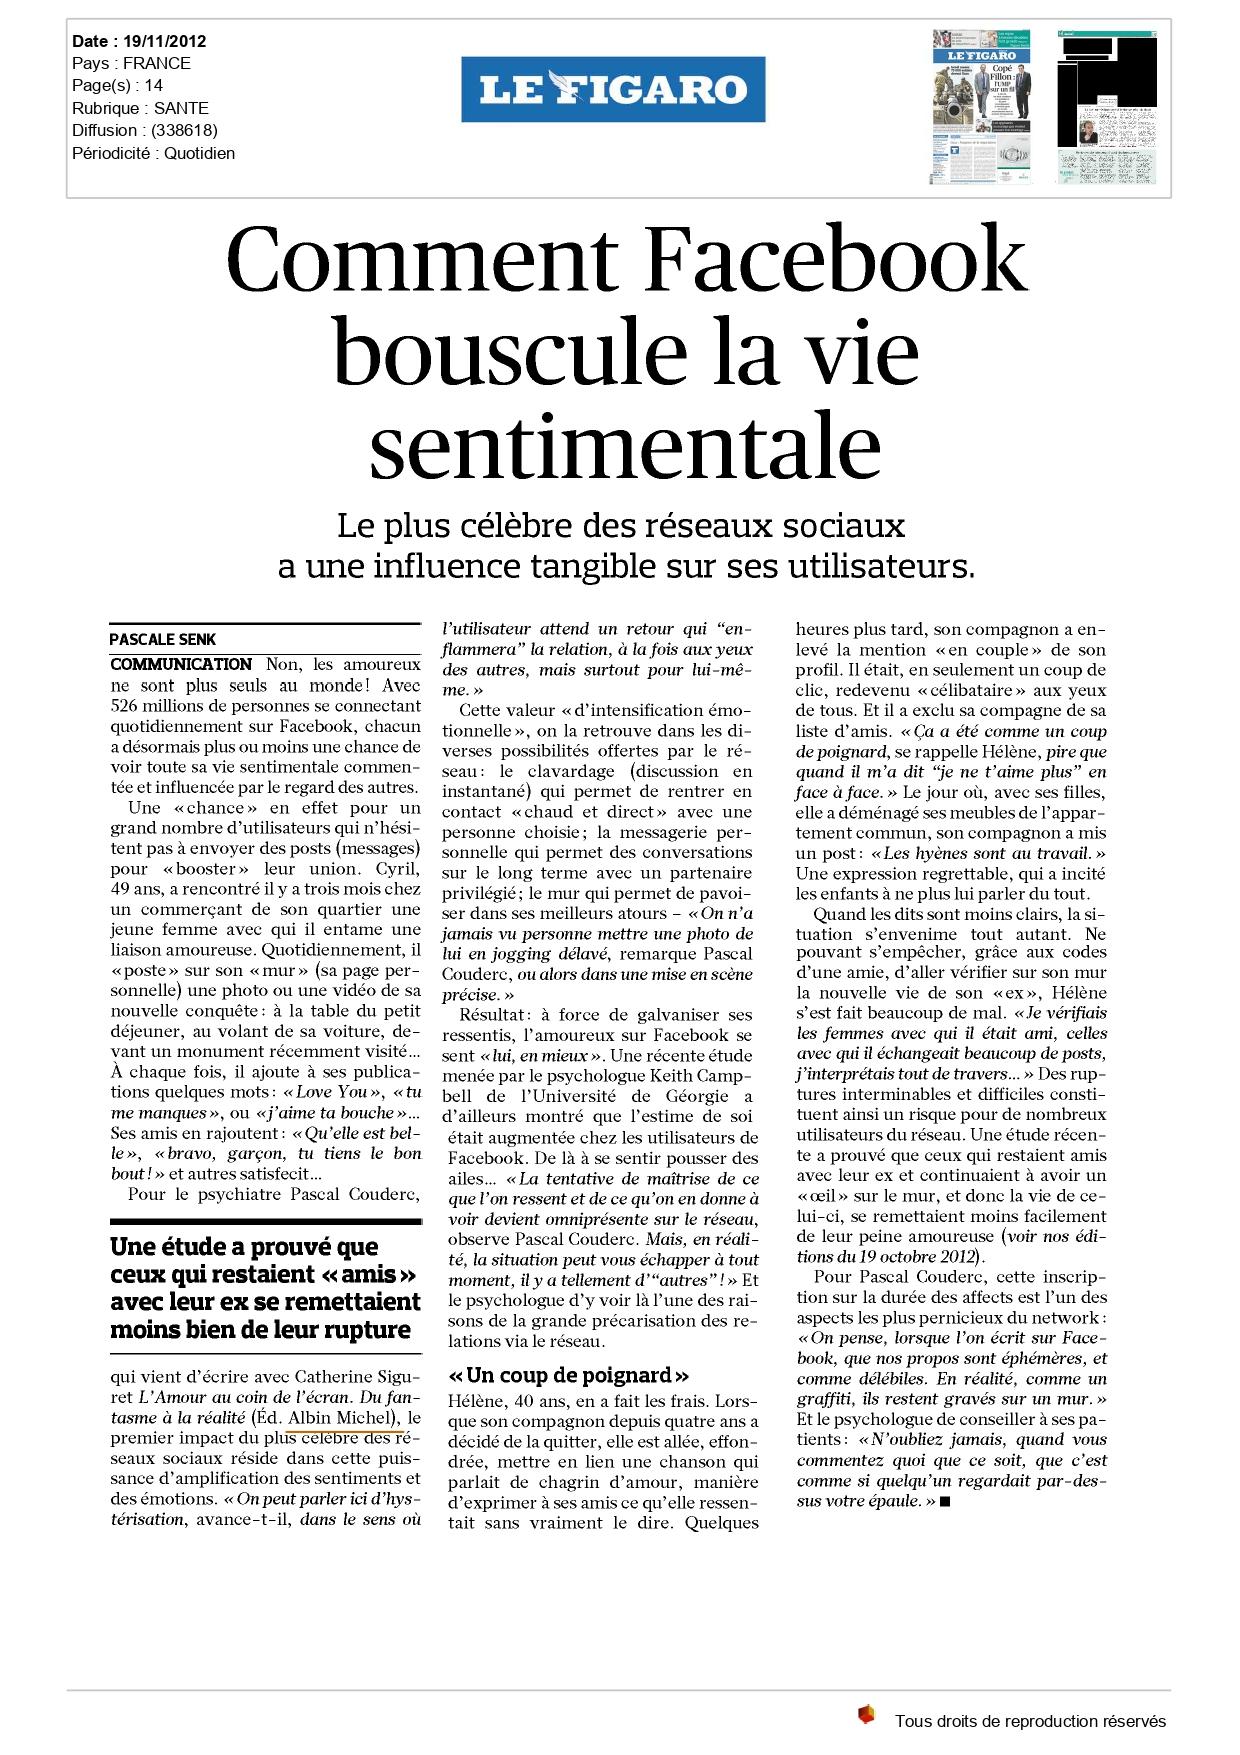 Comment-Facebook-bouscule-la-vie-sentimentale_Le-Figaro_20121119_page-0001